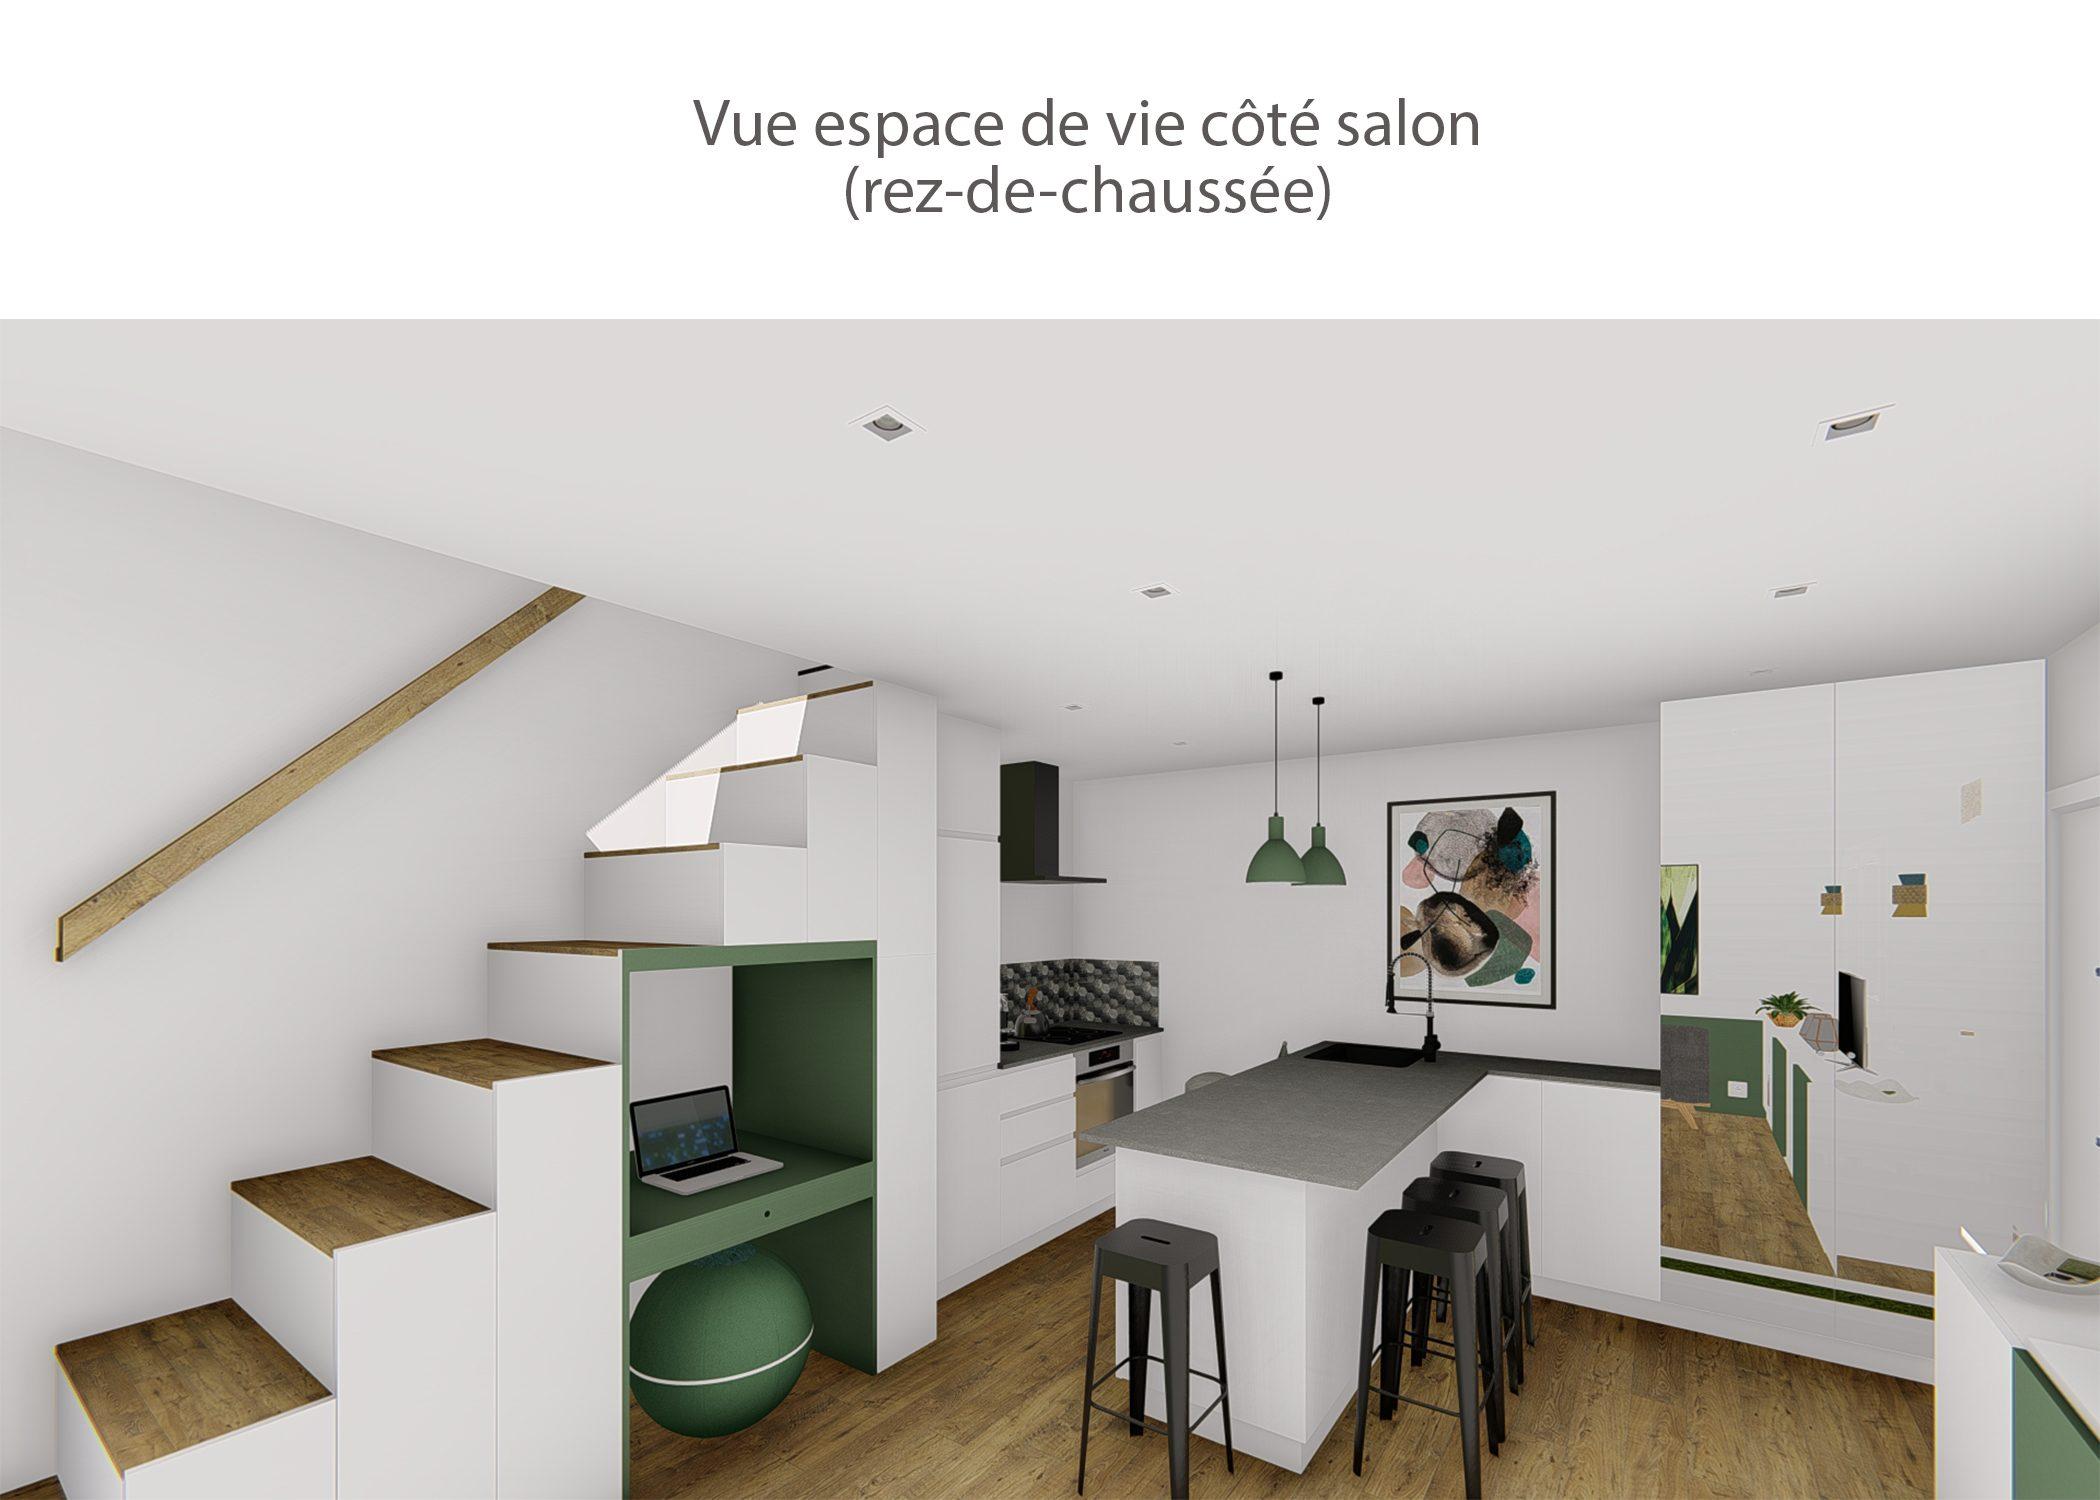 agencement petit espace-vue espace de vie cote salon-region lyonnaise-dekho design